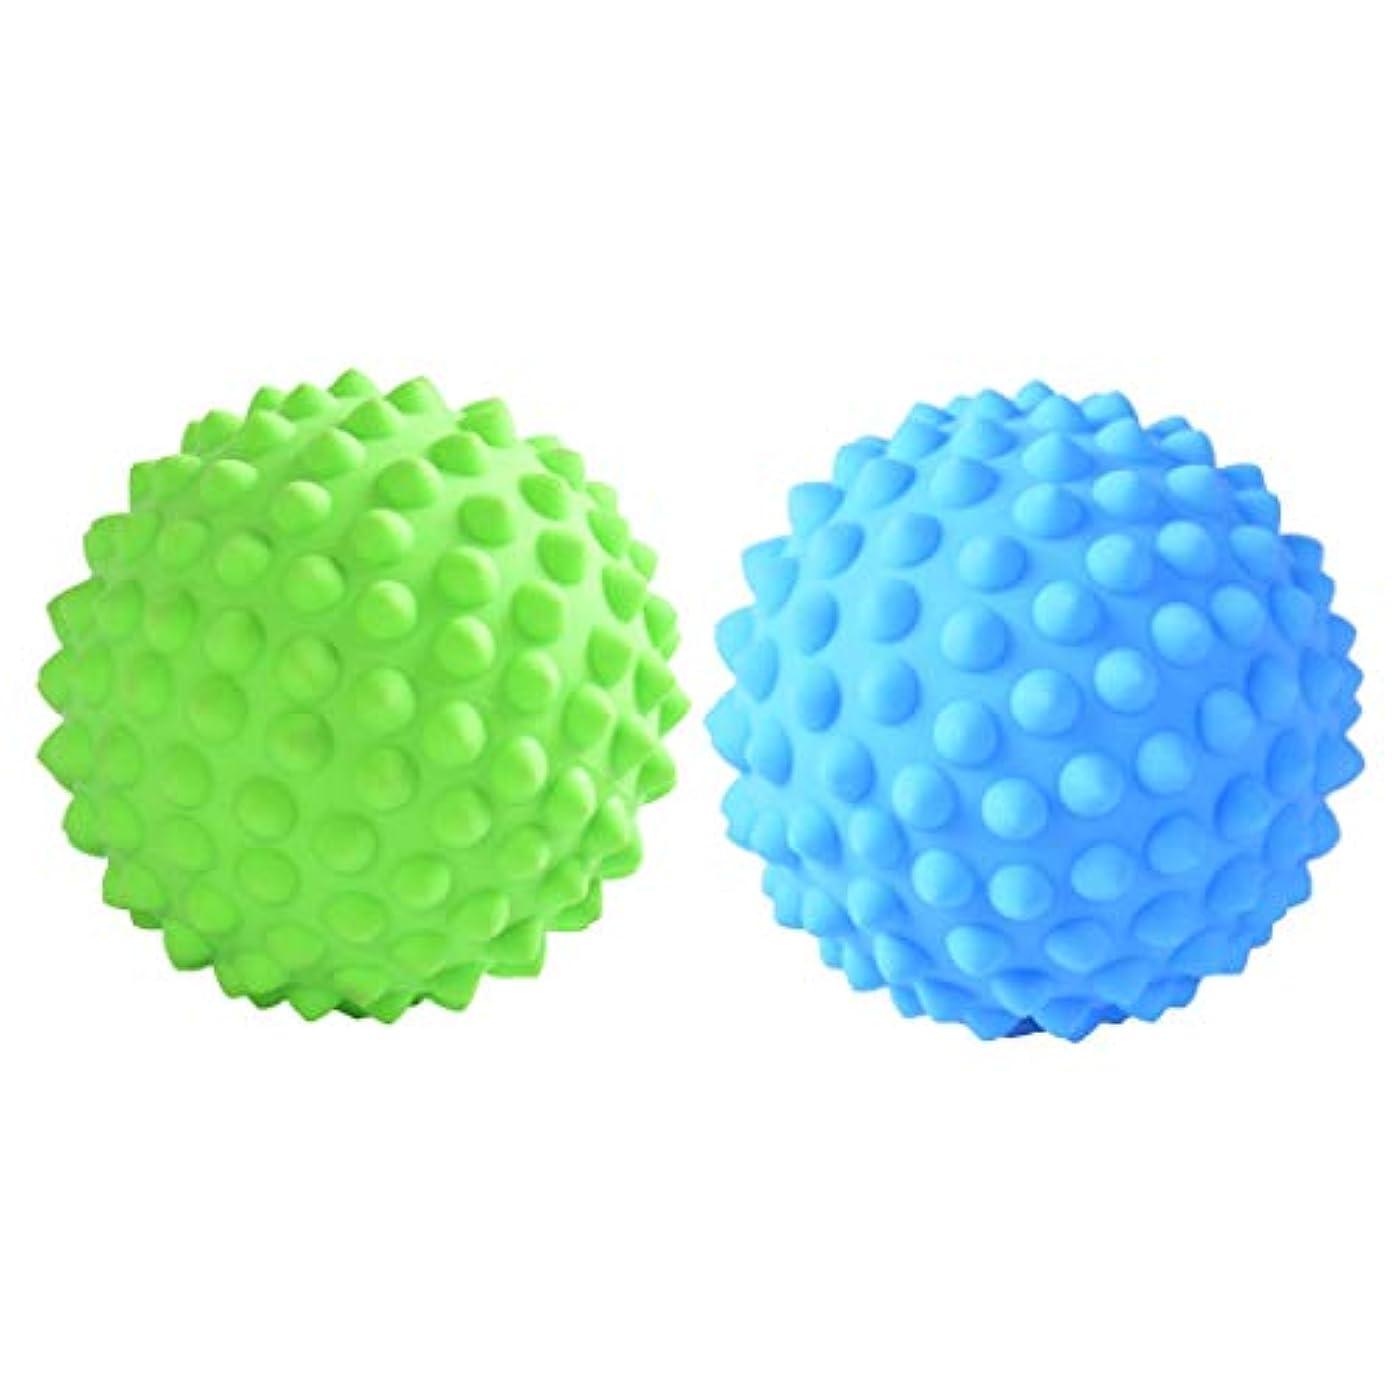 望遠鏡従うお香chiwanji マッサージローラーボール 指圧ボール トリガーポイント 疲れ解消ボール ヨガ 疲労軽減 2個入